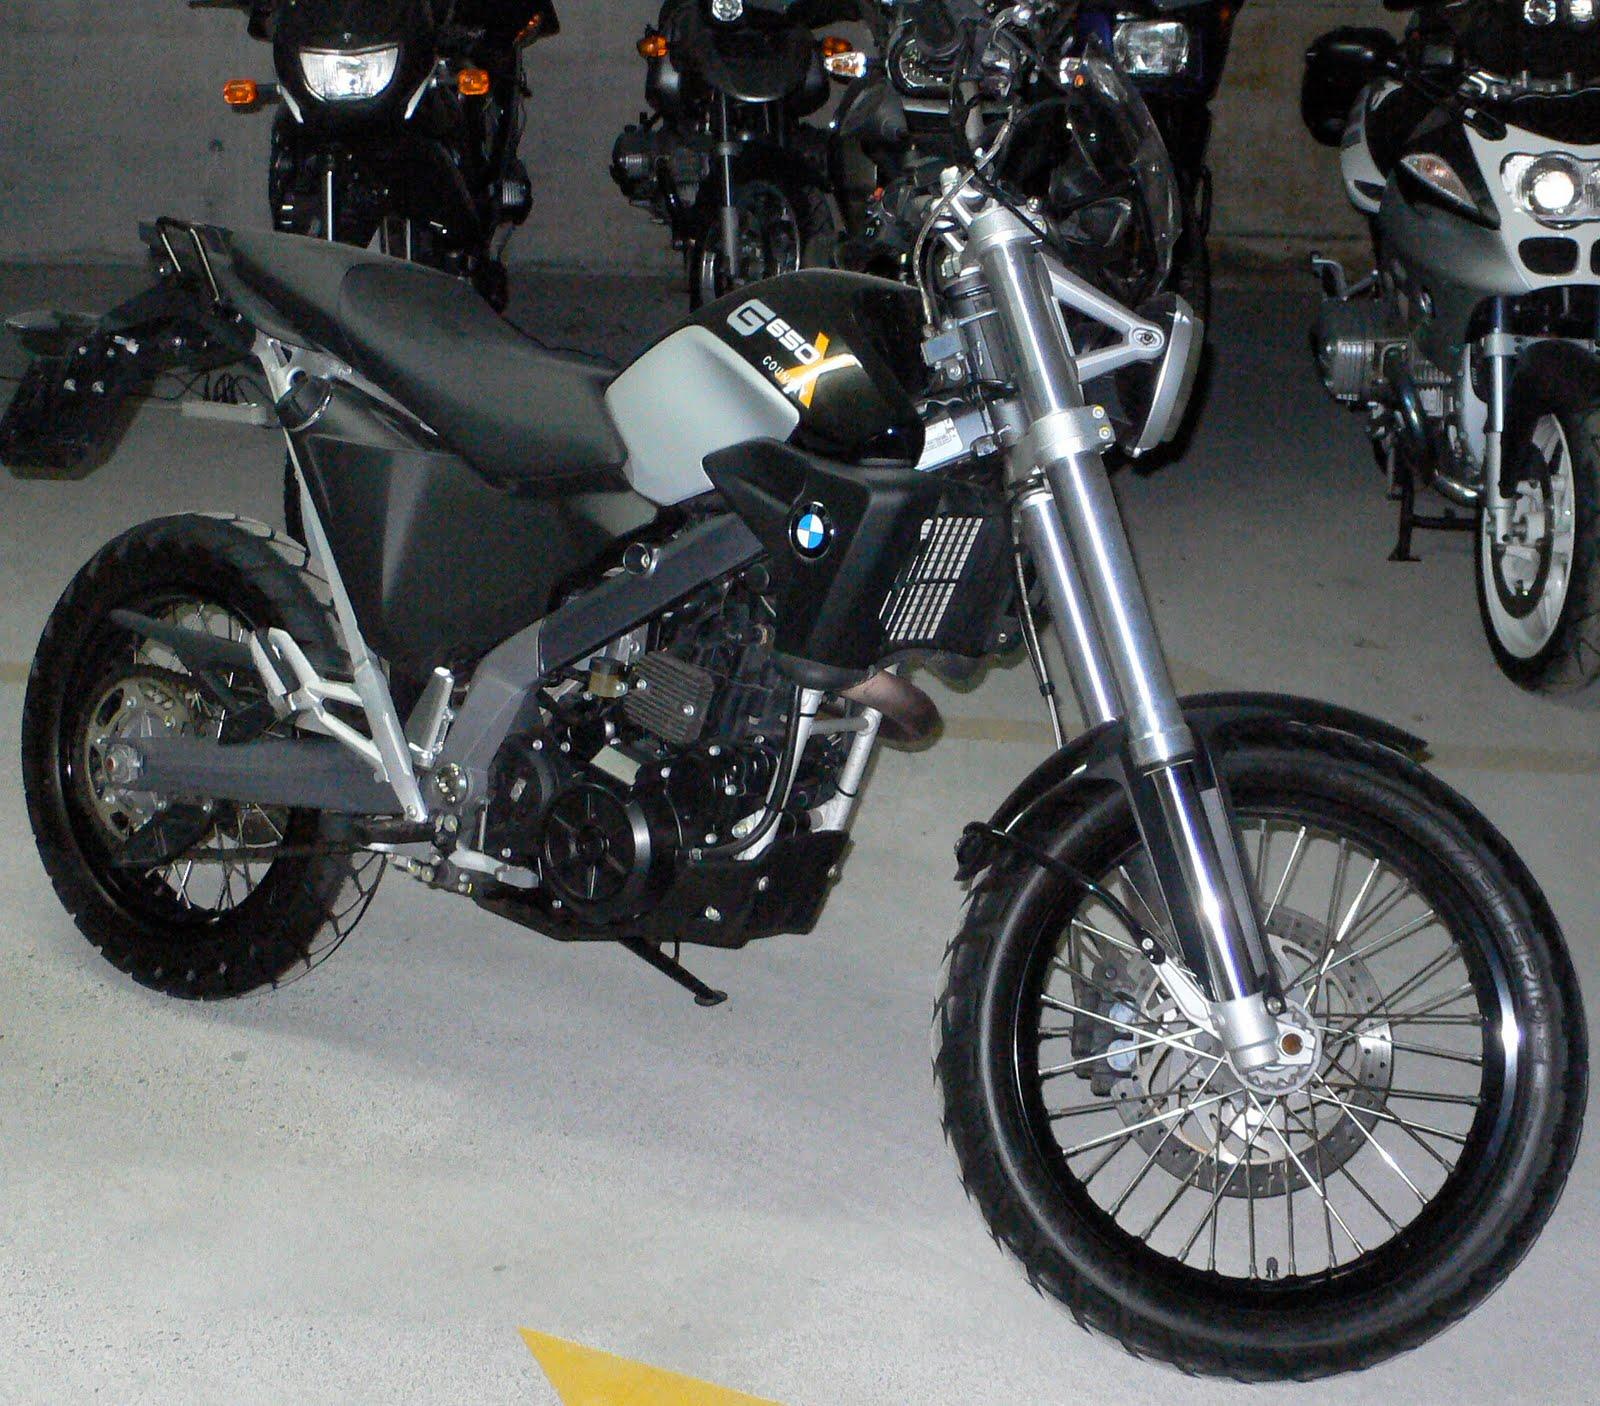 herzlich willkommen beim polizeimarkt zu verkaufen motorrad bmw g 650 x country. Black Bedroom Furniture Sets. Home Design Ideas